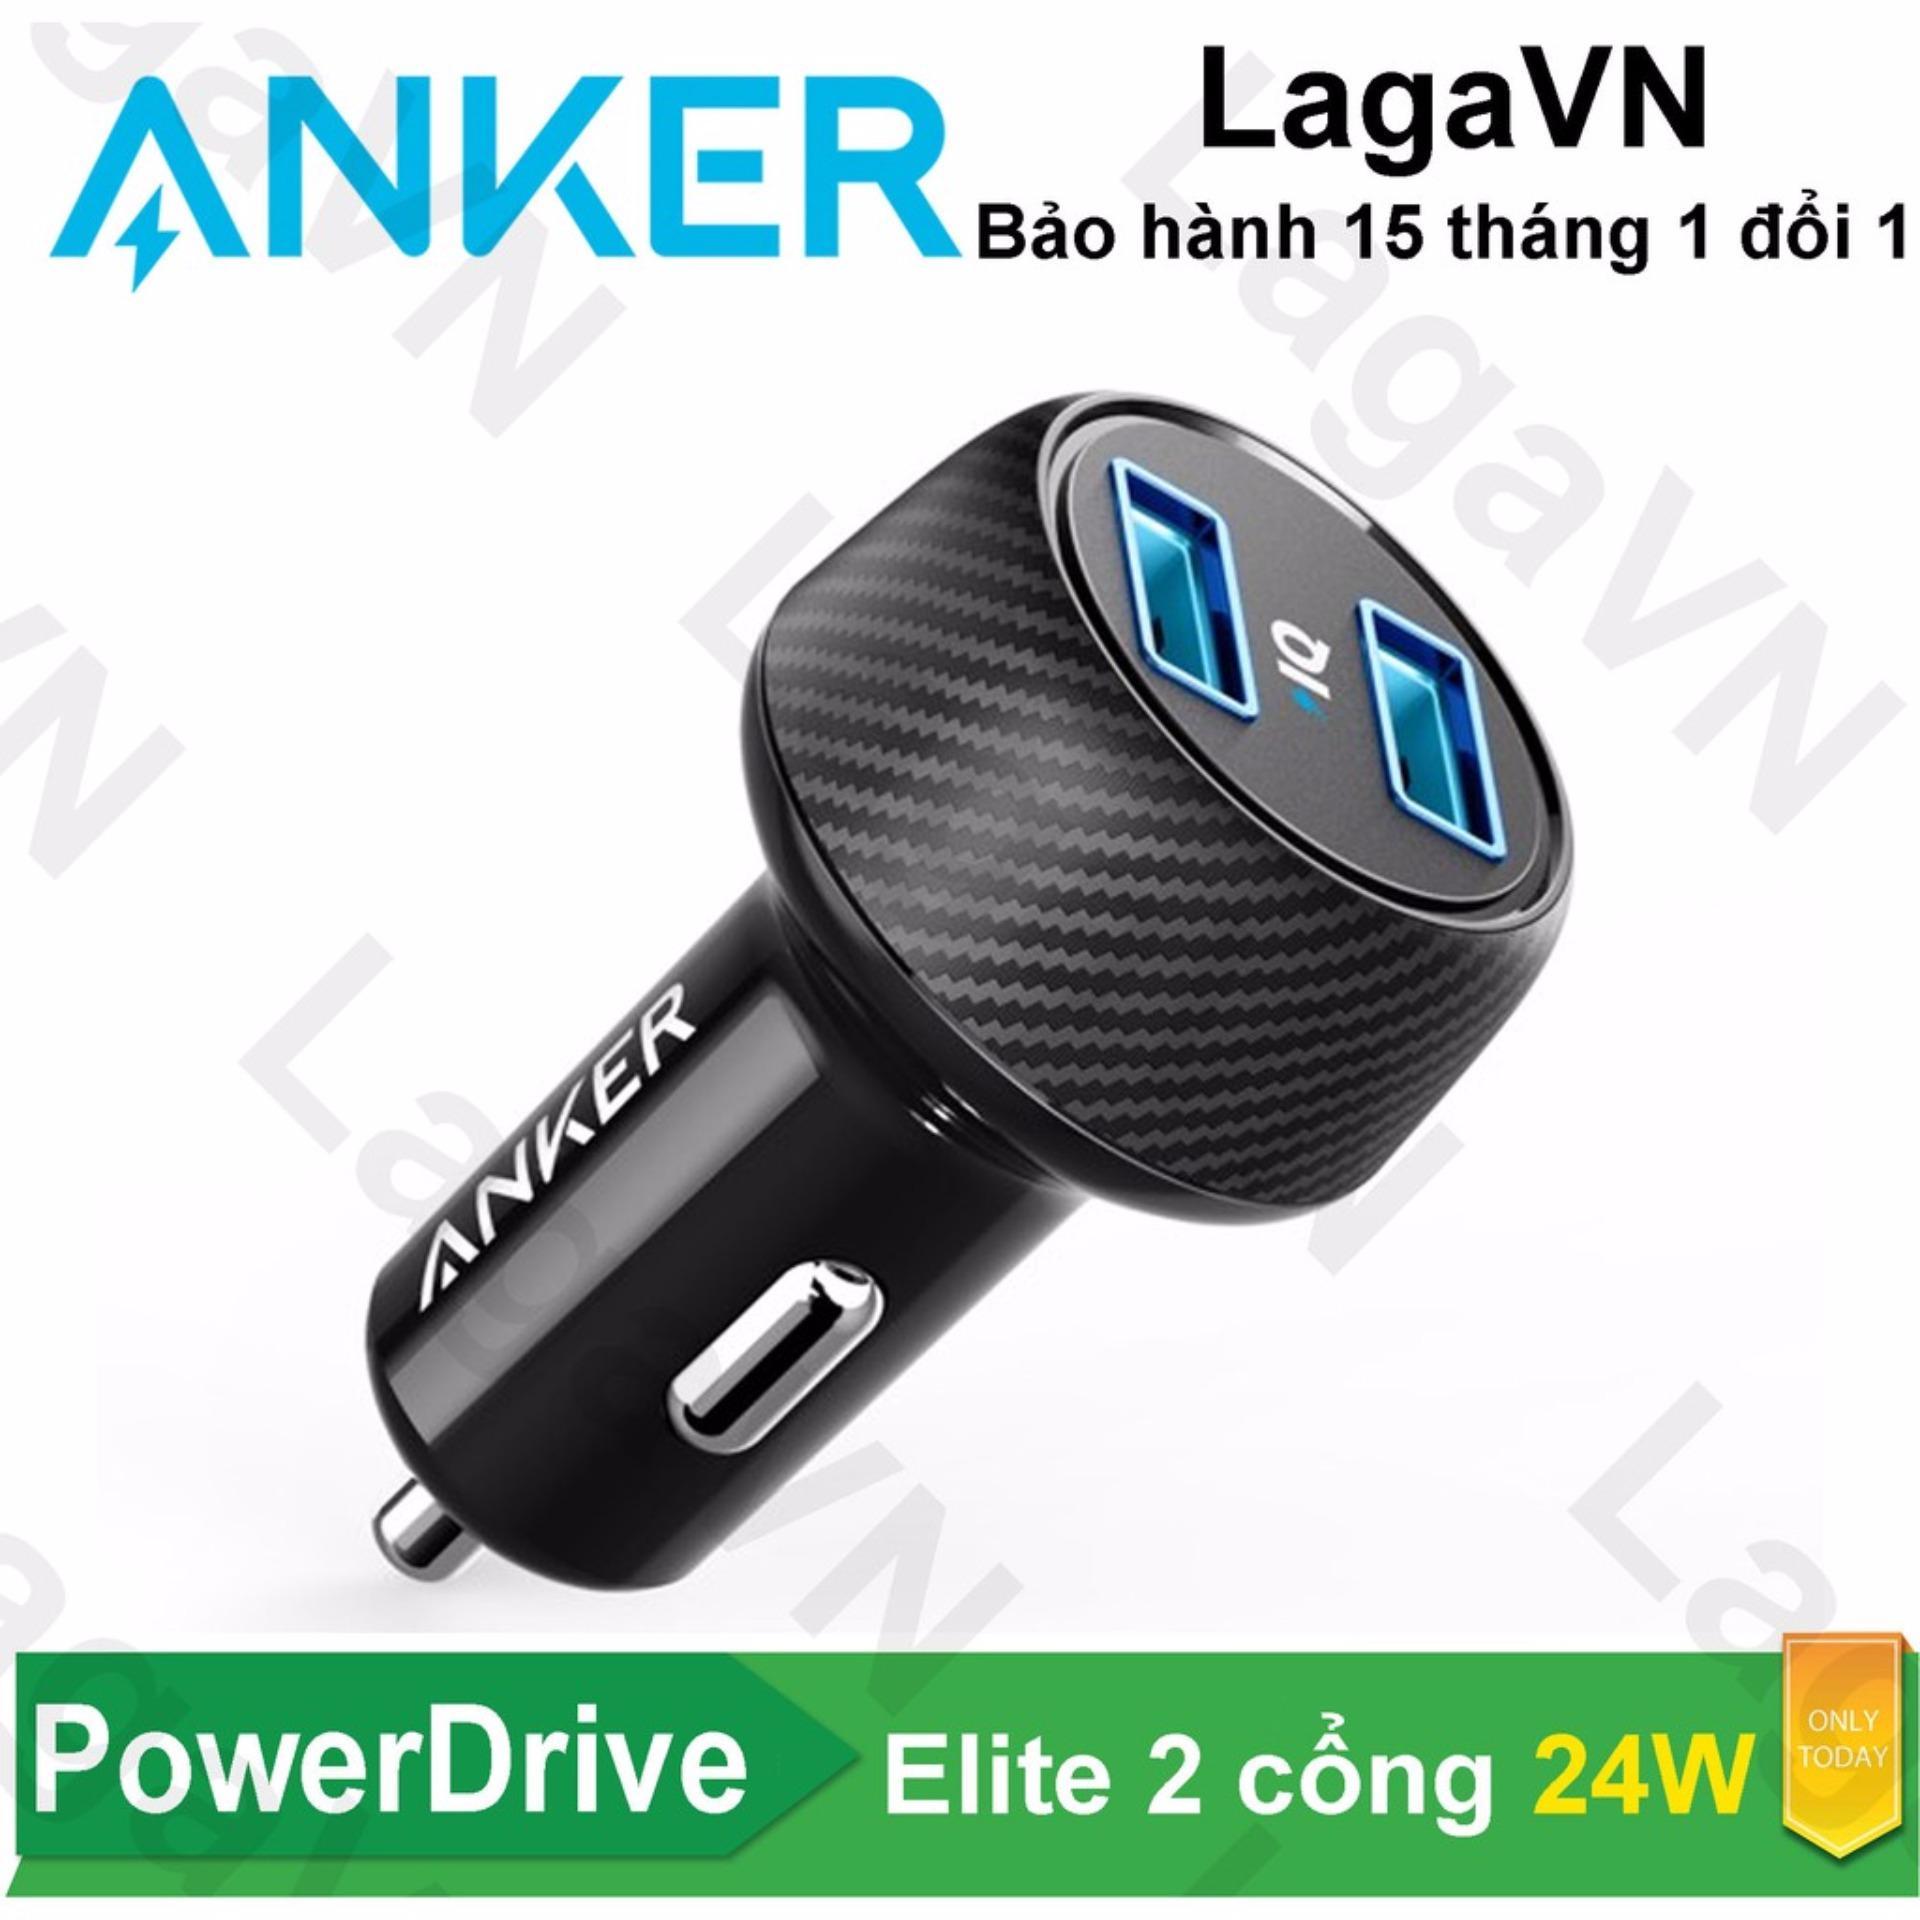 Hình ảnh Sạc Ô tô ANKER PowerDrive 2 cổng Elite 24w cho xe hơi - A2212 - Hãng phân phối chính thức